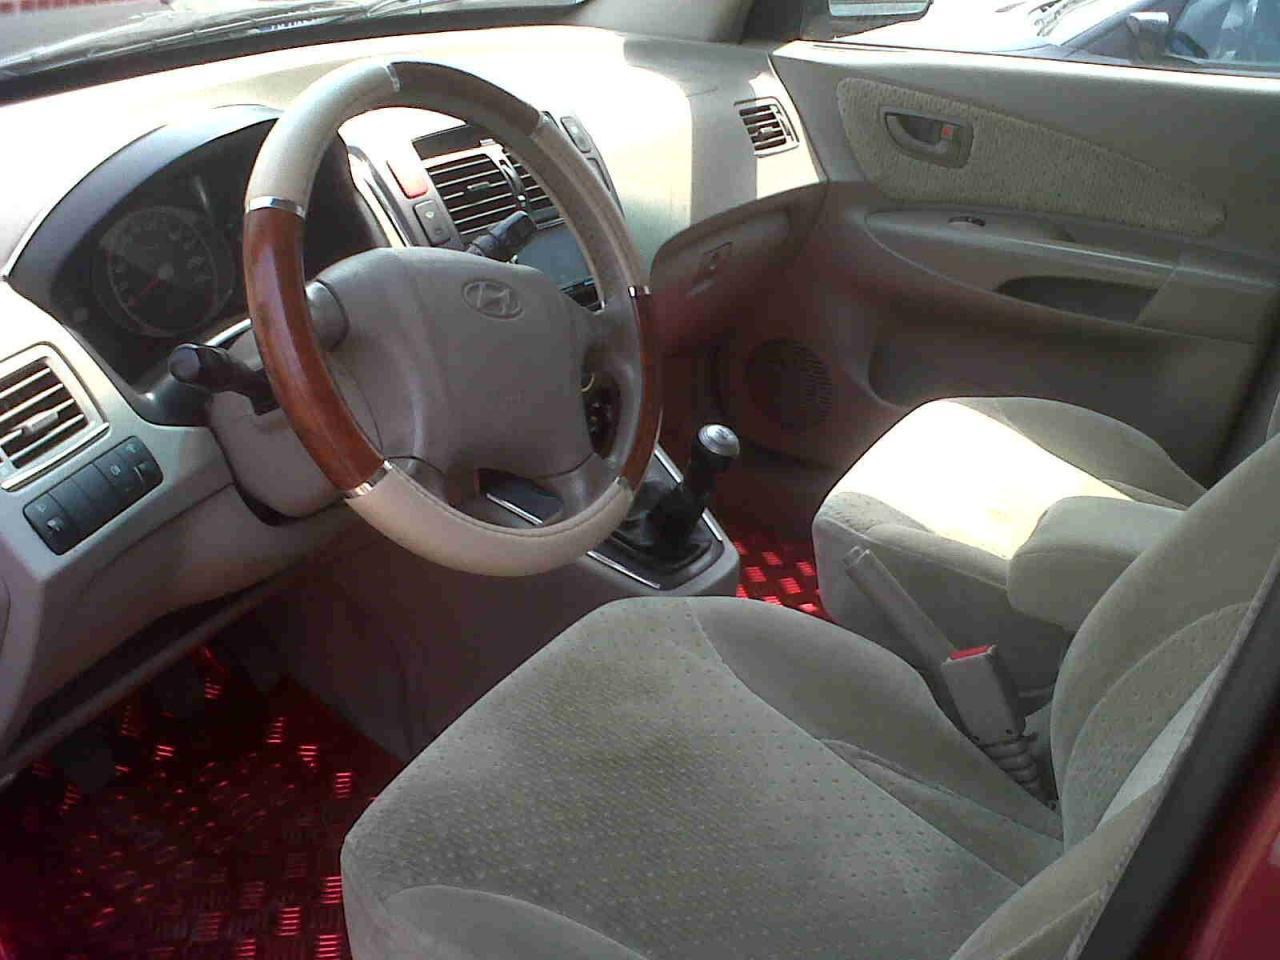 Hyundai tucson interieur avant